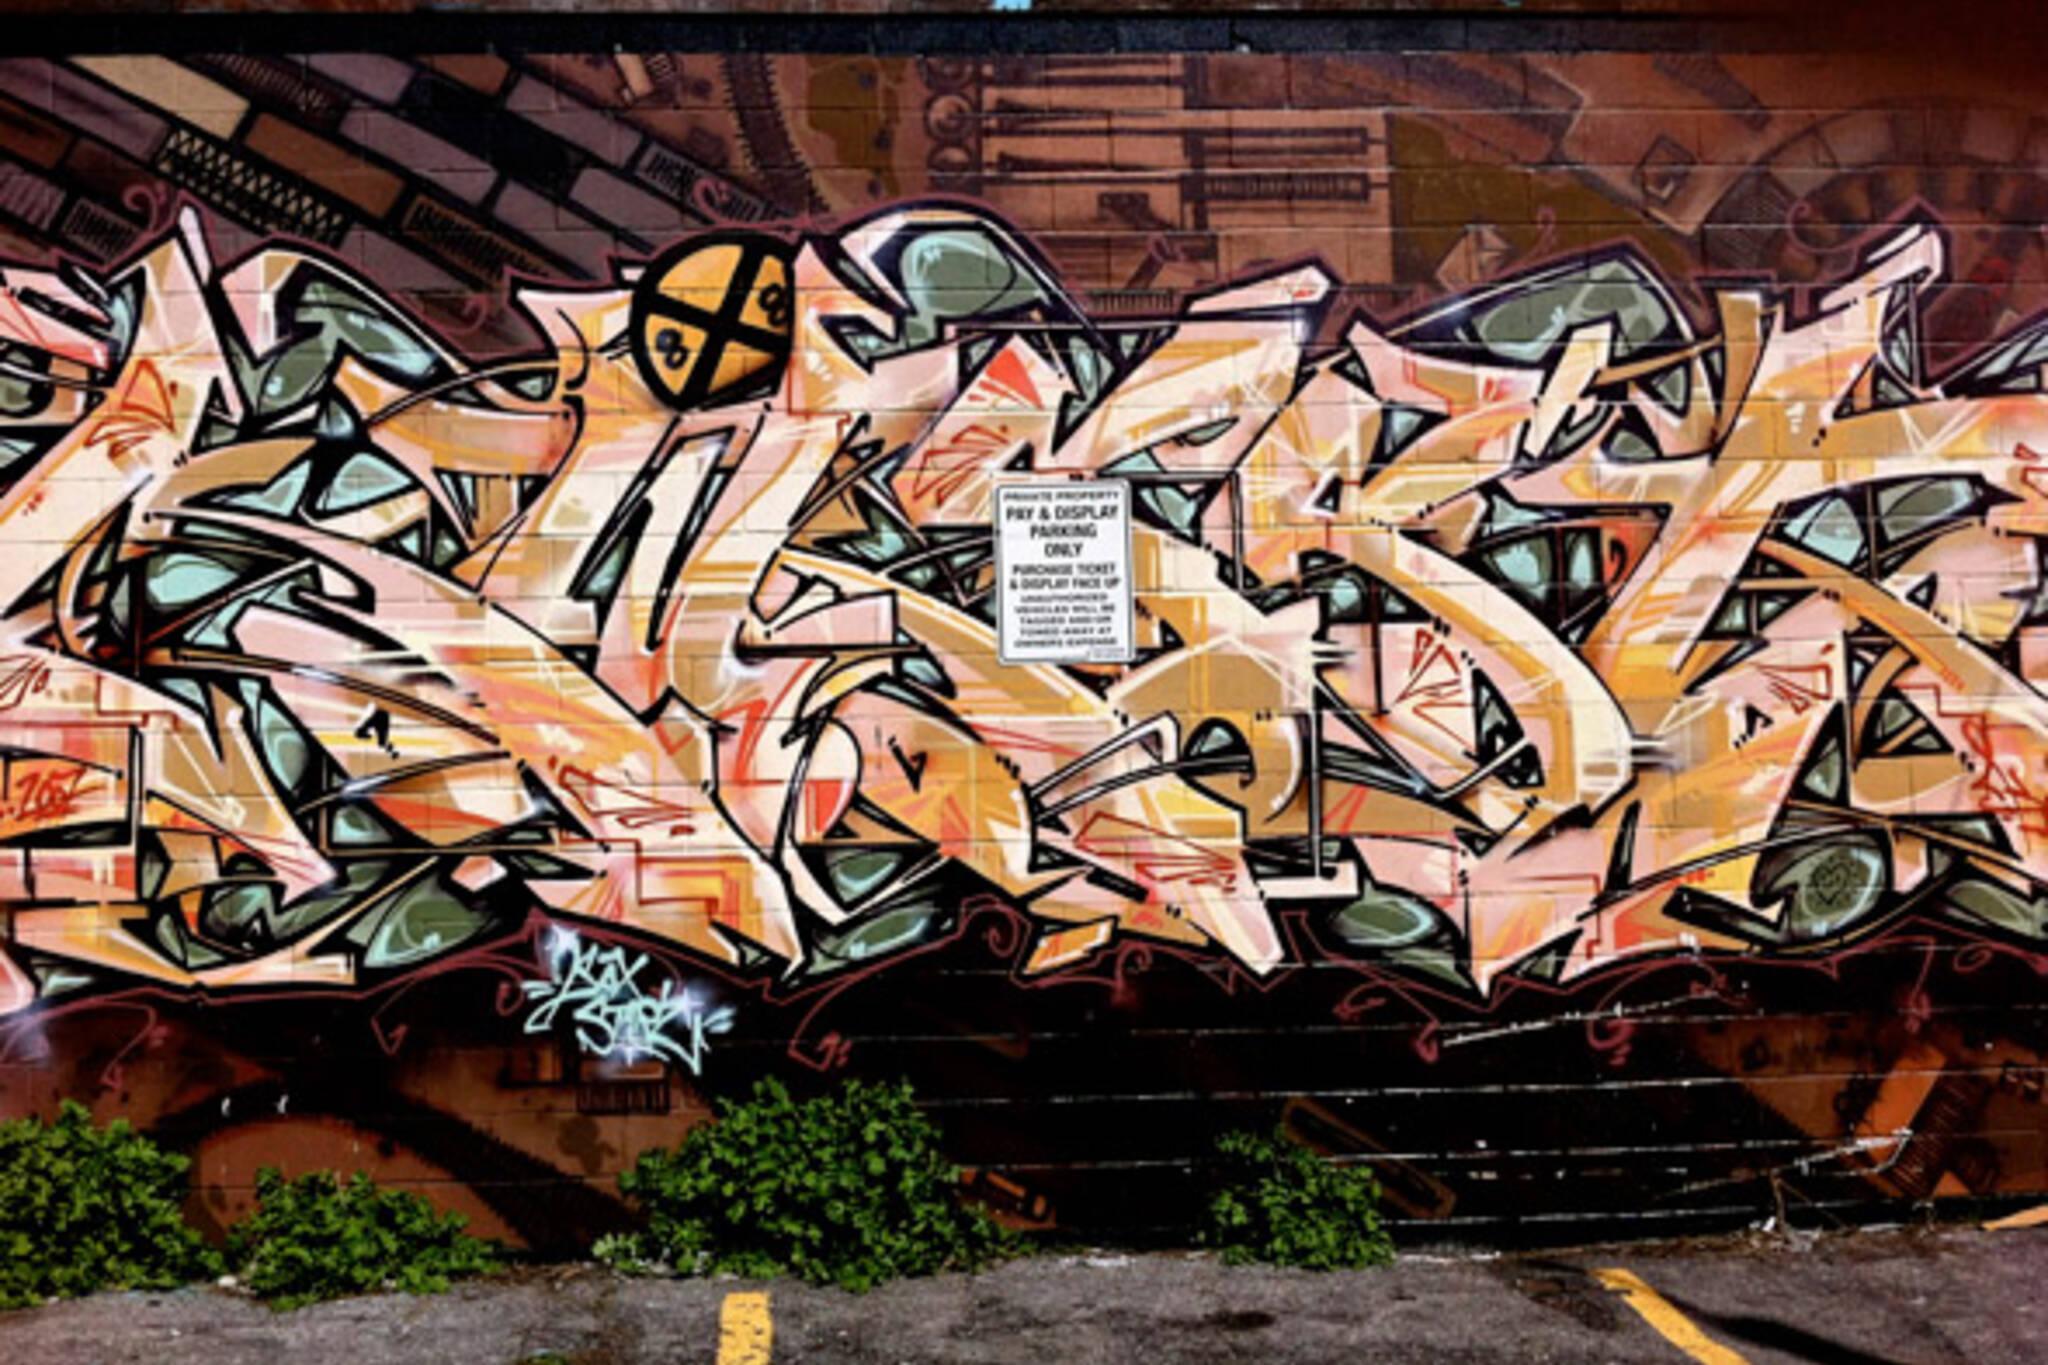 Toronto Graffiti Artists